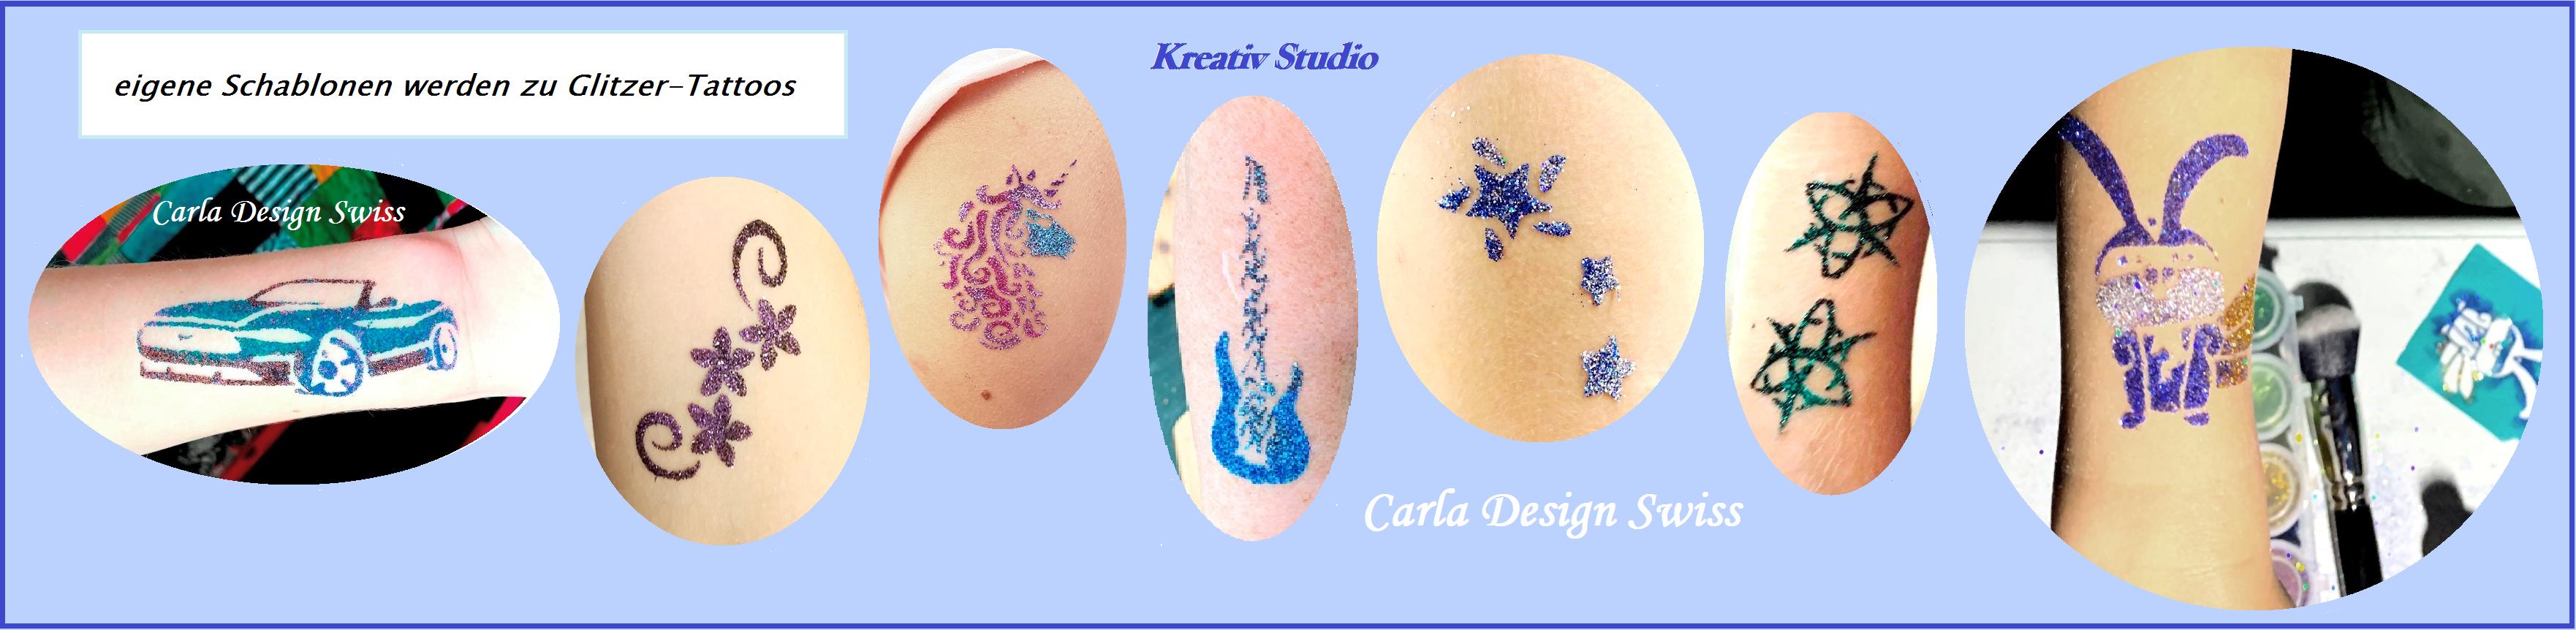 Glitzer-Tattoos selber gestalten macht Spass, besonders für kühle Sommer Feste mit Badi.